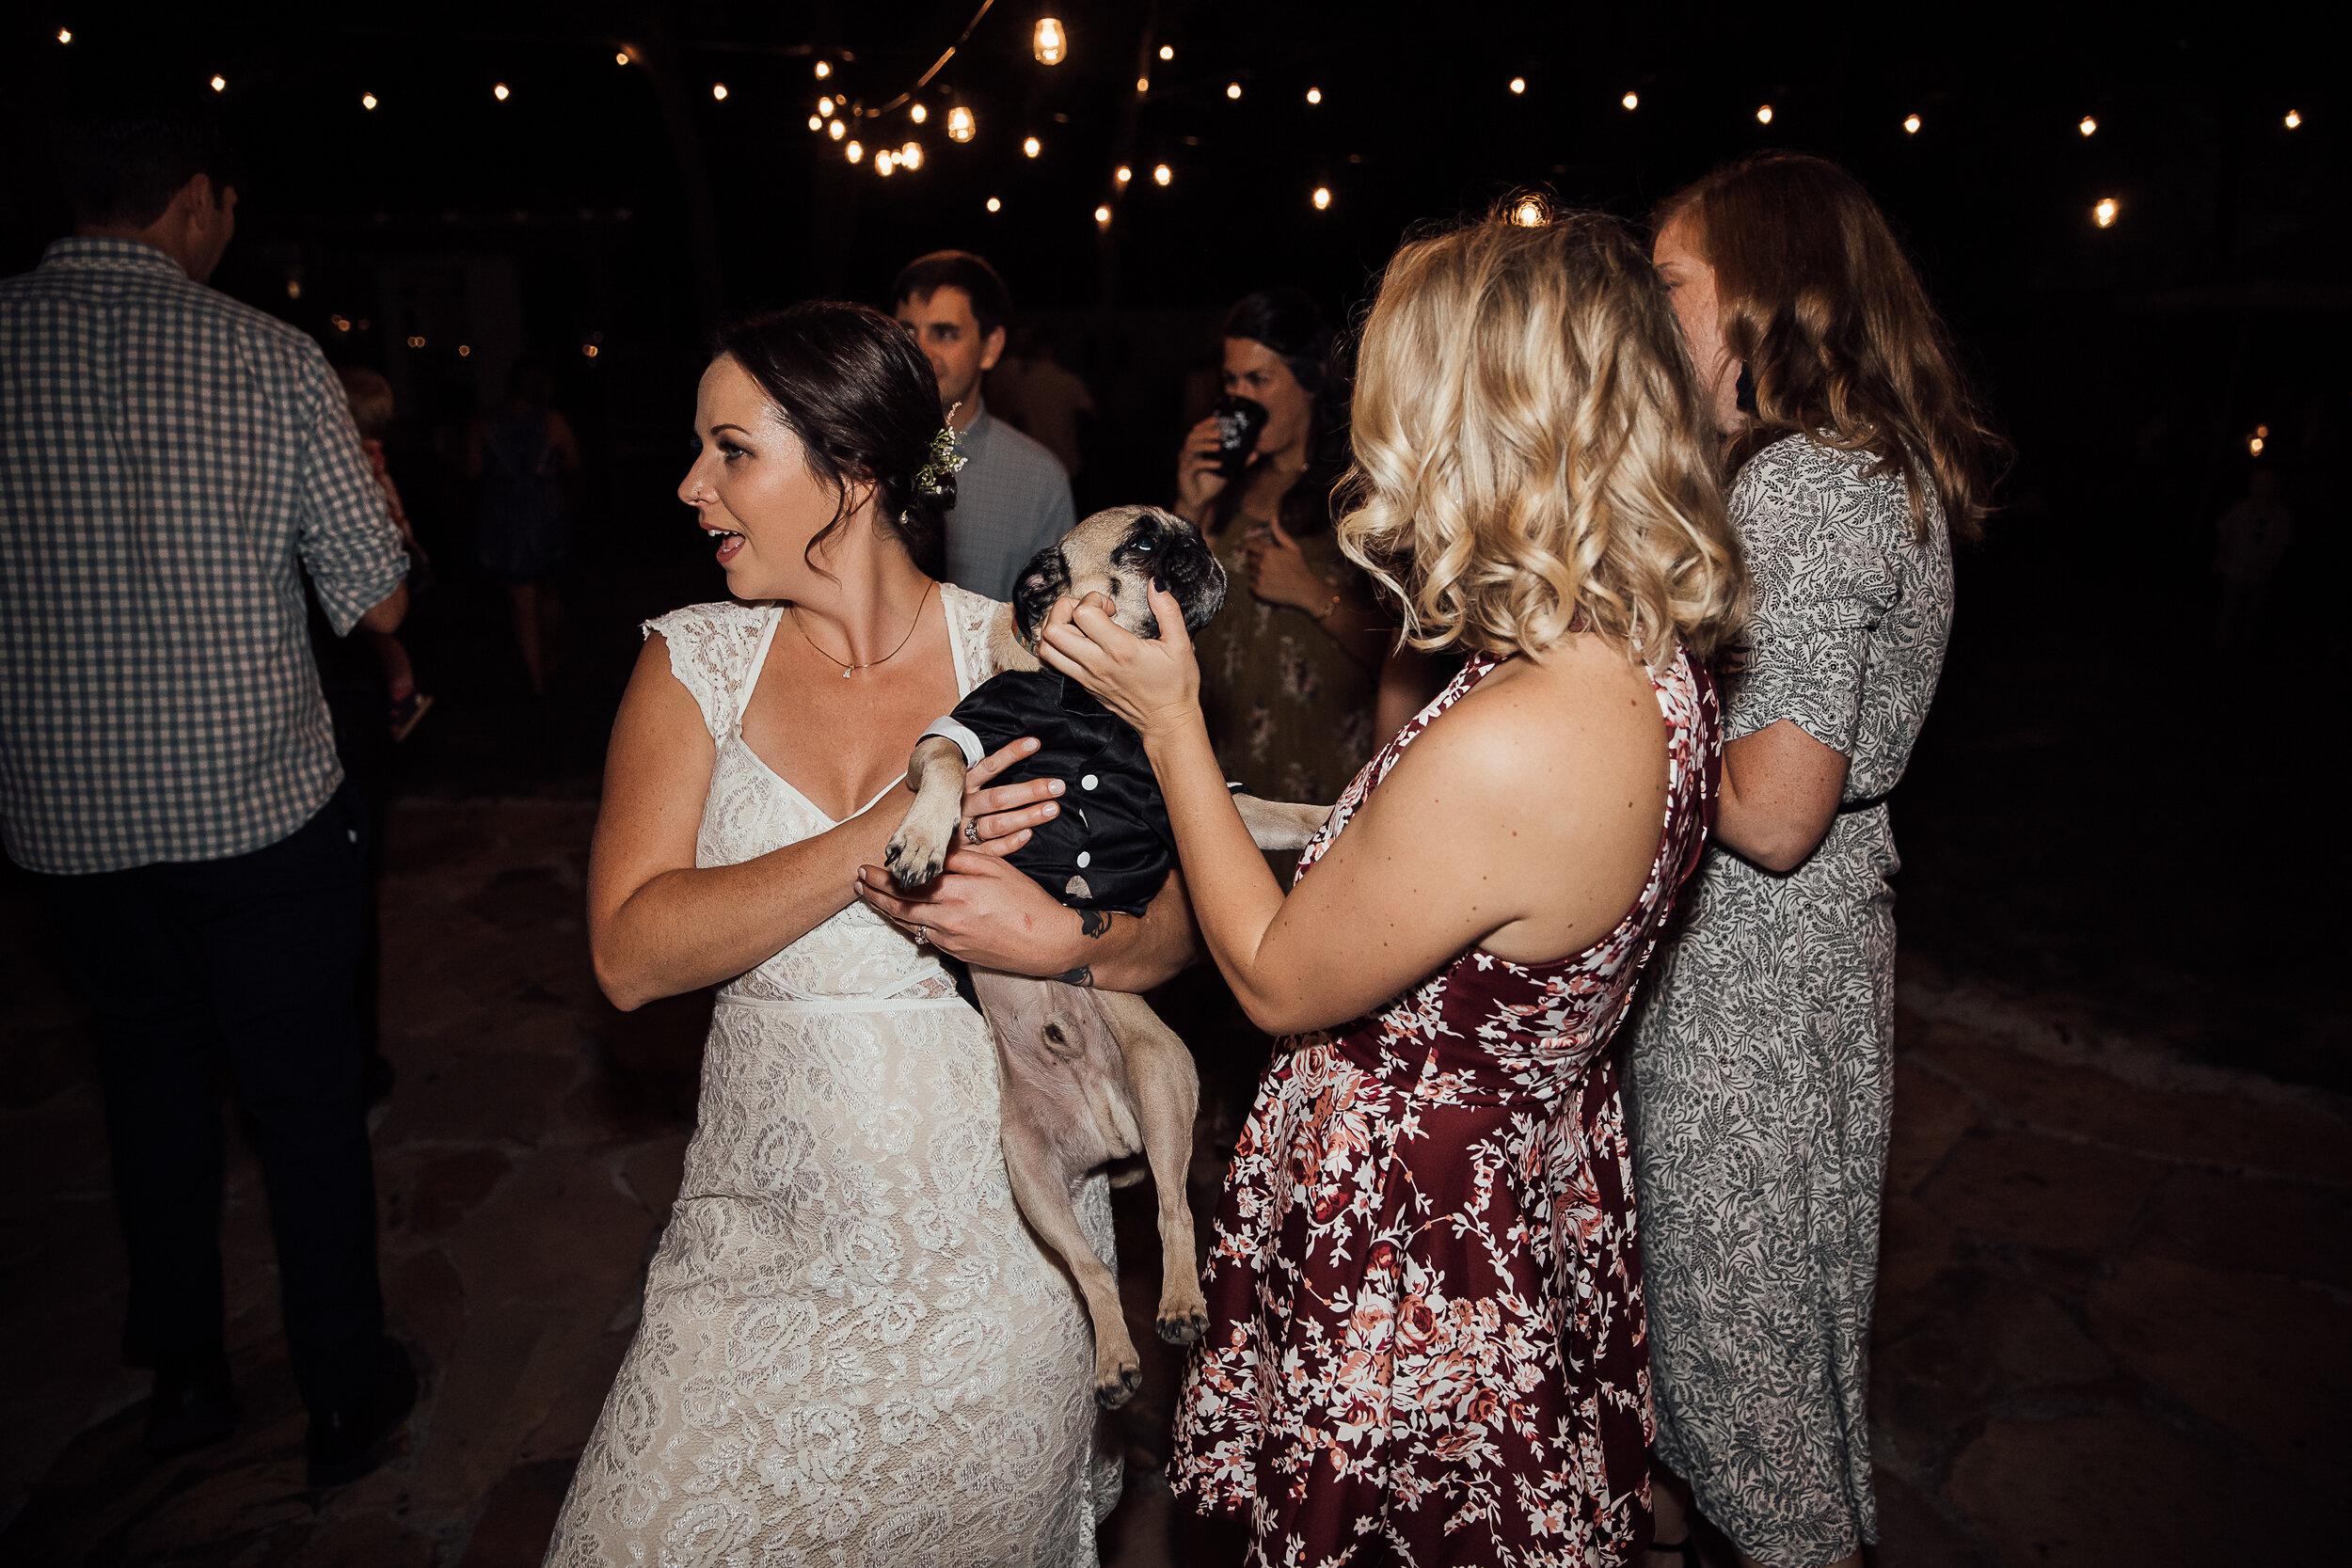 Allison-and-Wesley-Memphis-Backyard-Wedding-TheWarmthAroundYou-71.jpg